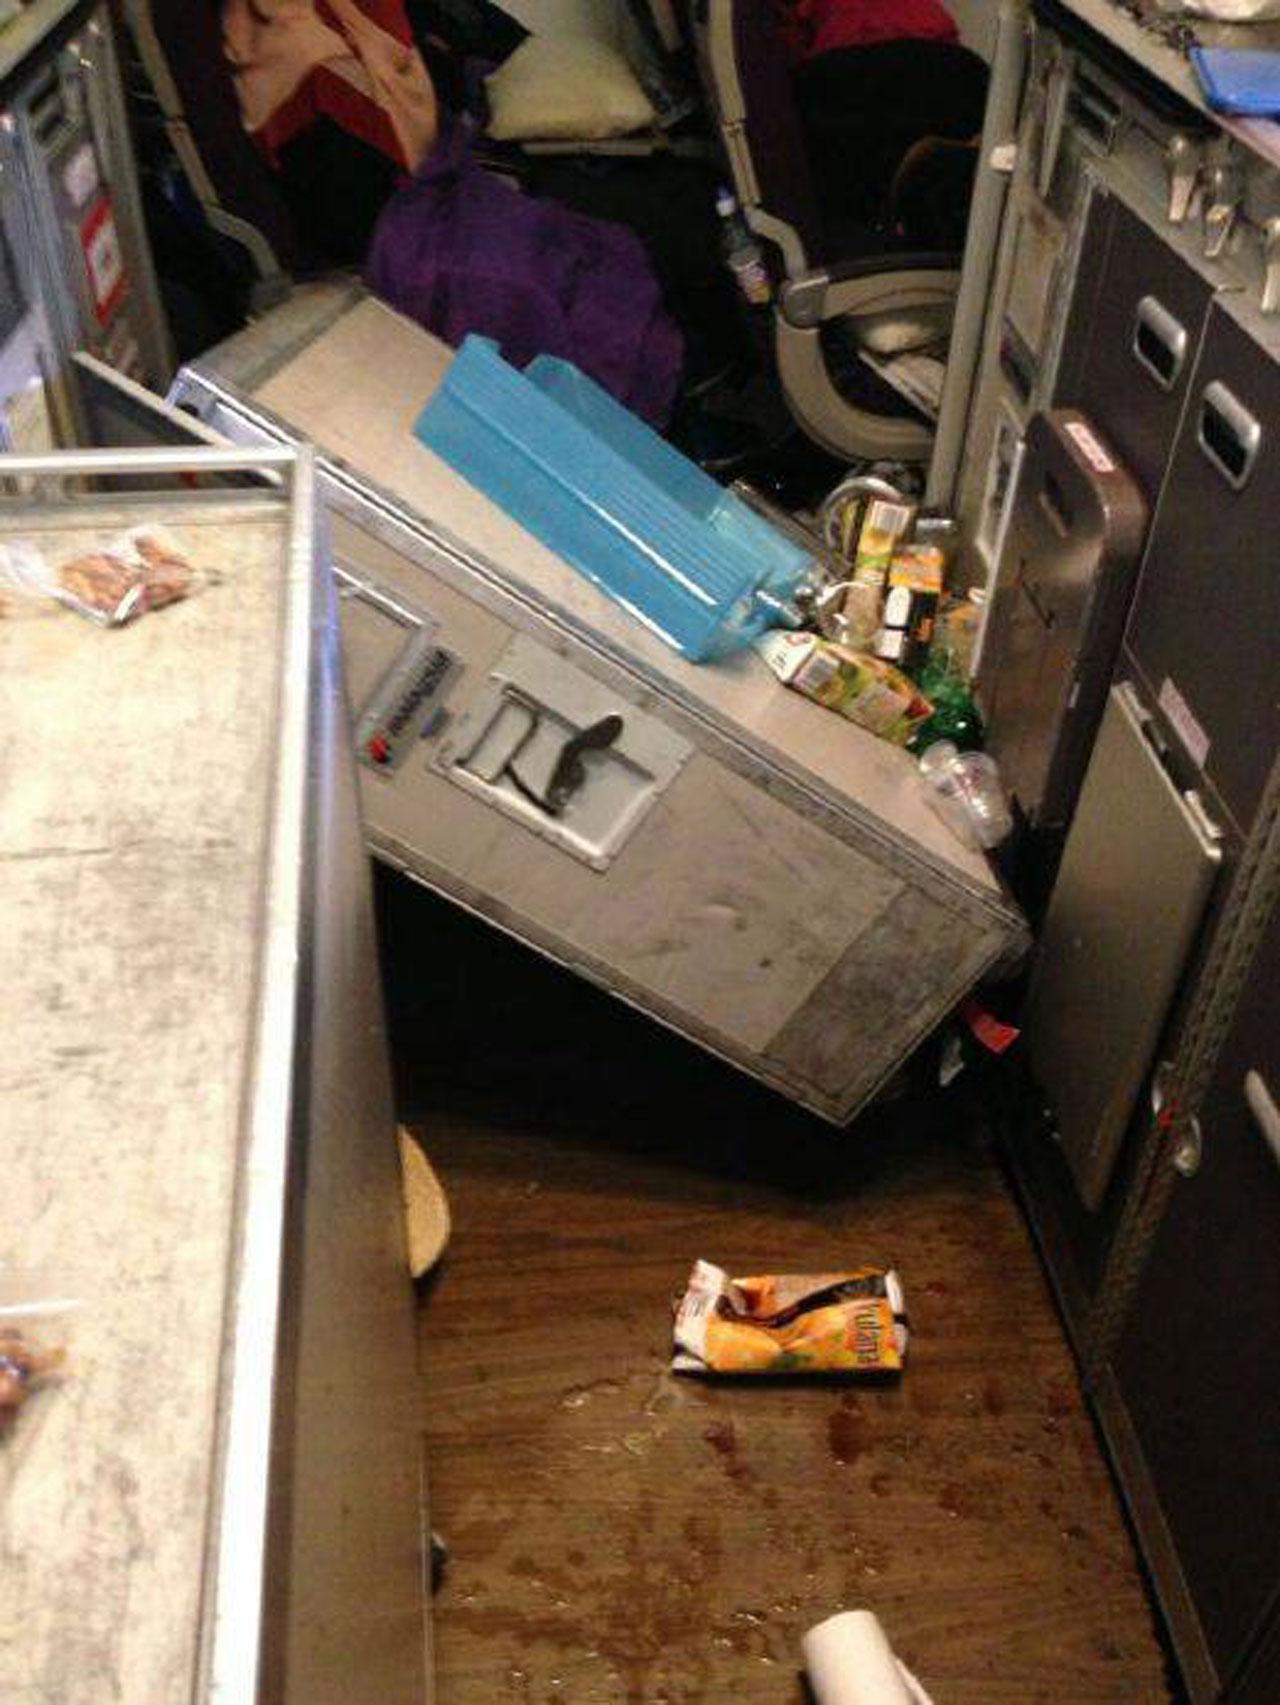 รถเข็นใส่อาหาร กระเด็นออกมาจากช่องเก็บ ภาพจาก เฟซบุ๊กแฟนเพจ A Fly Guy's Cabin Crew Lounge